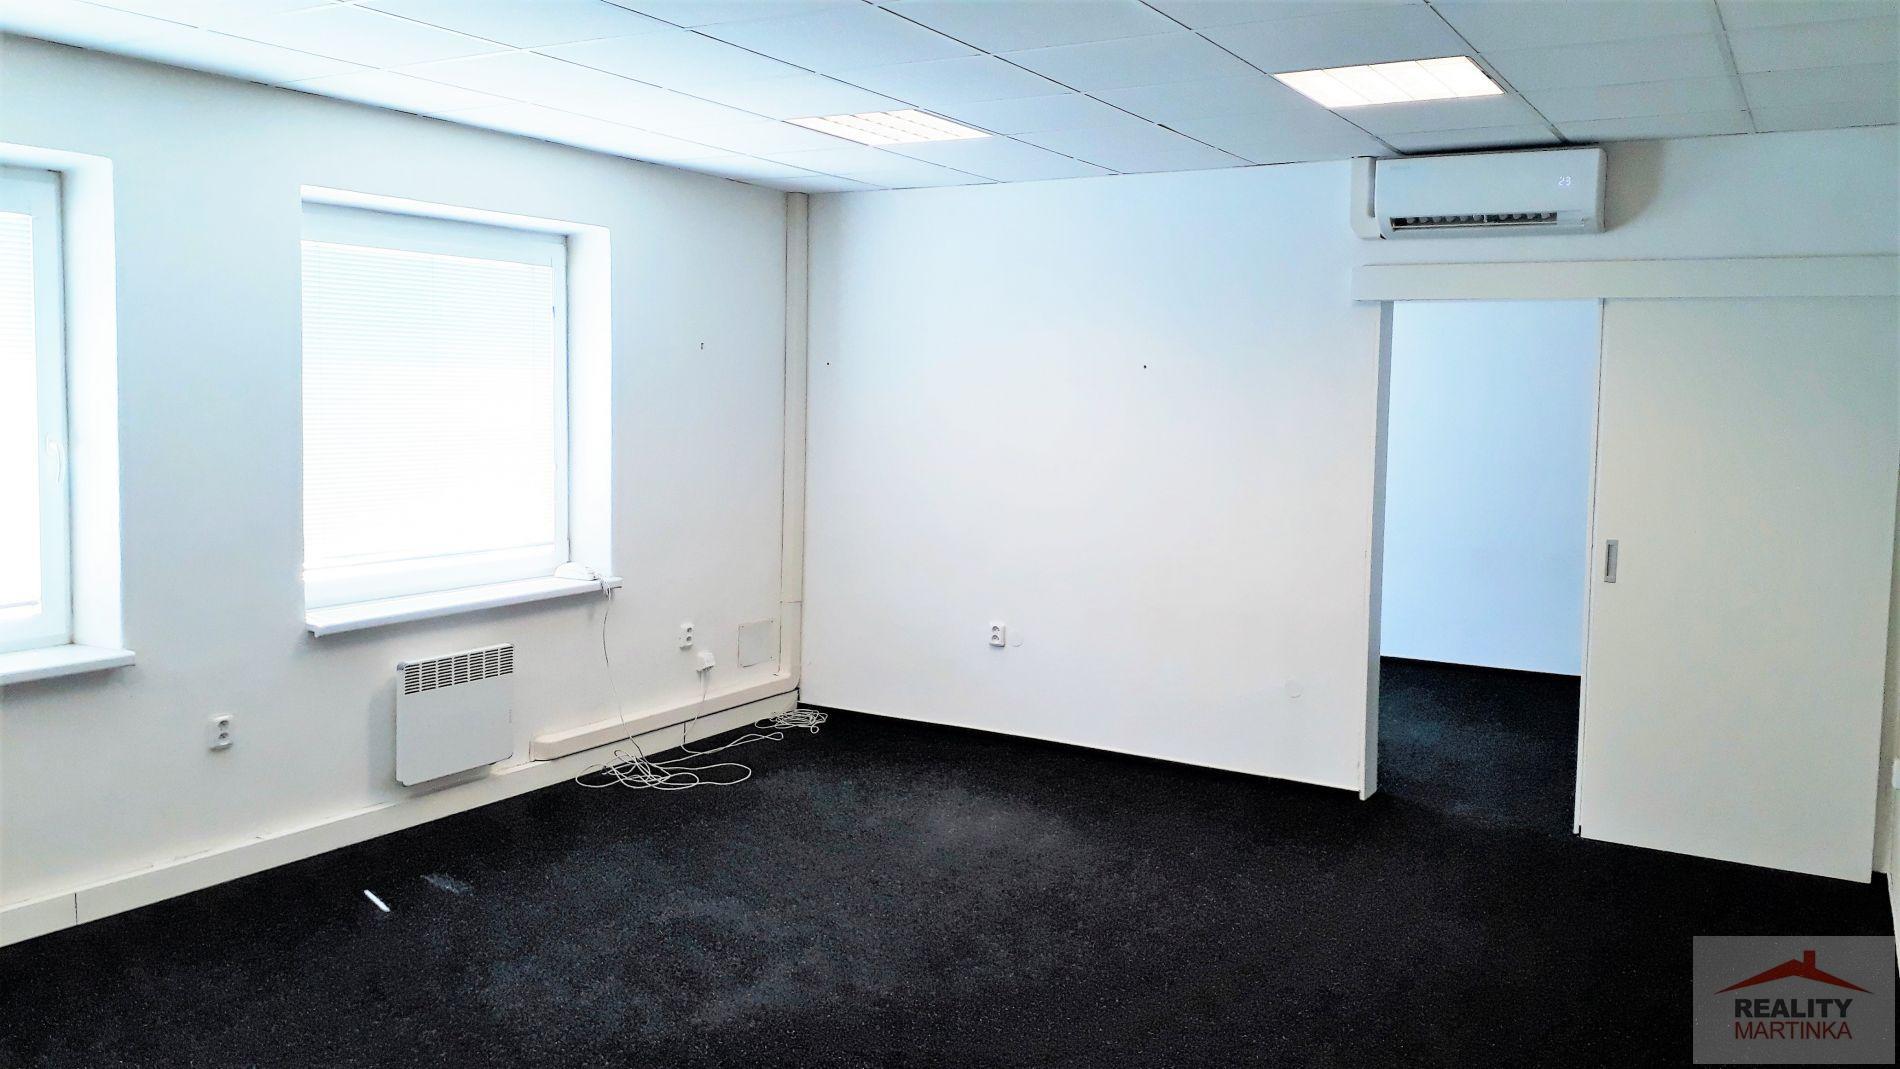 Pronájem dvou kanceláří 45 m2 s klimatizací, Valašské Meziříčí,